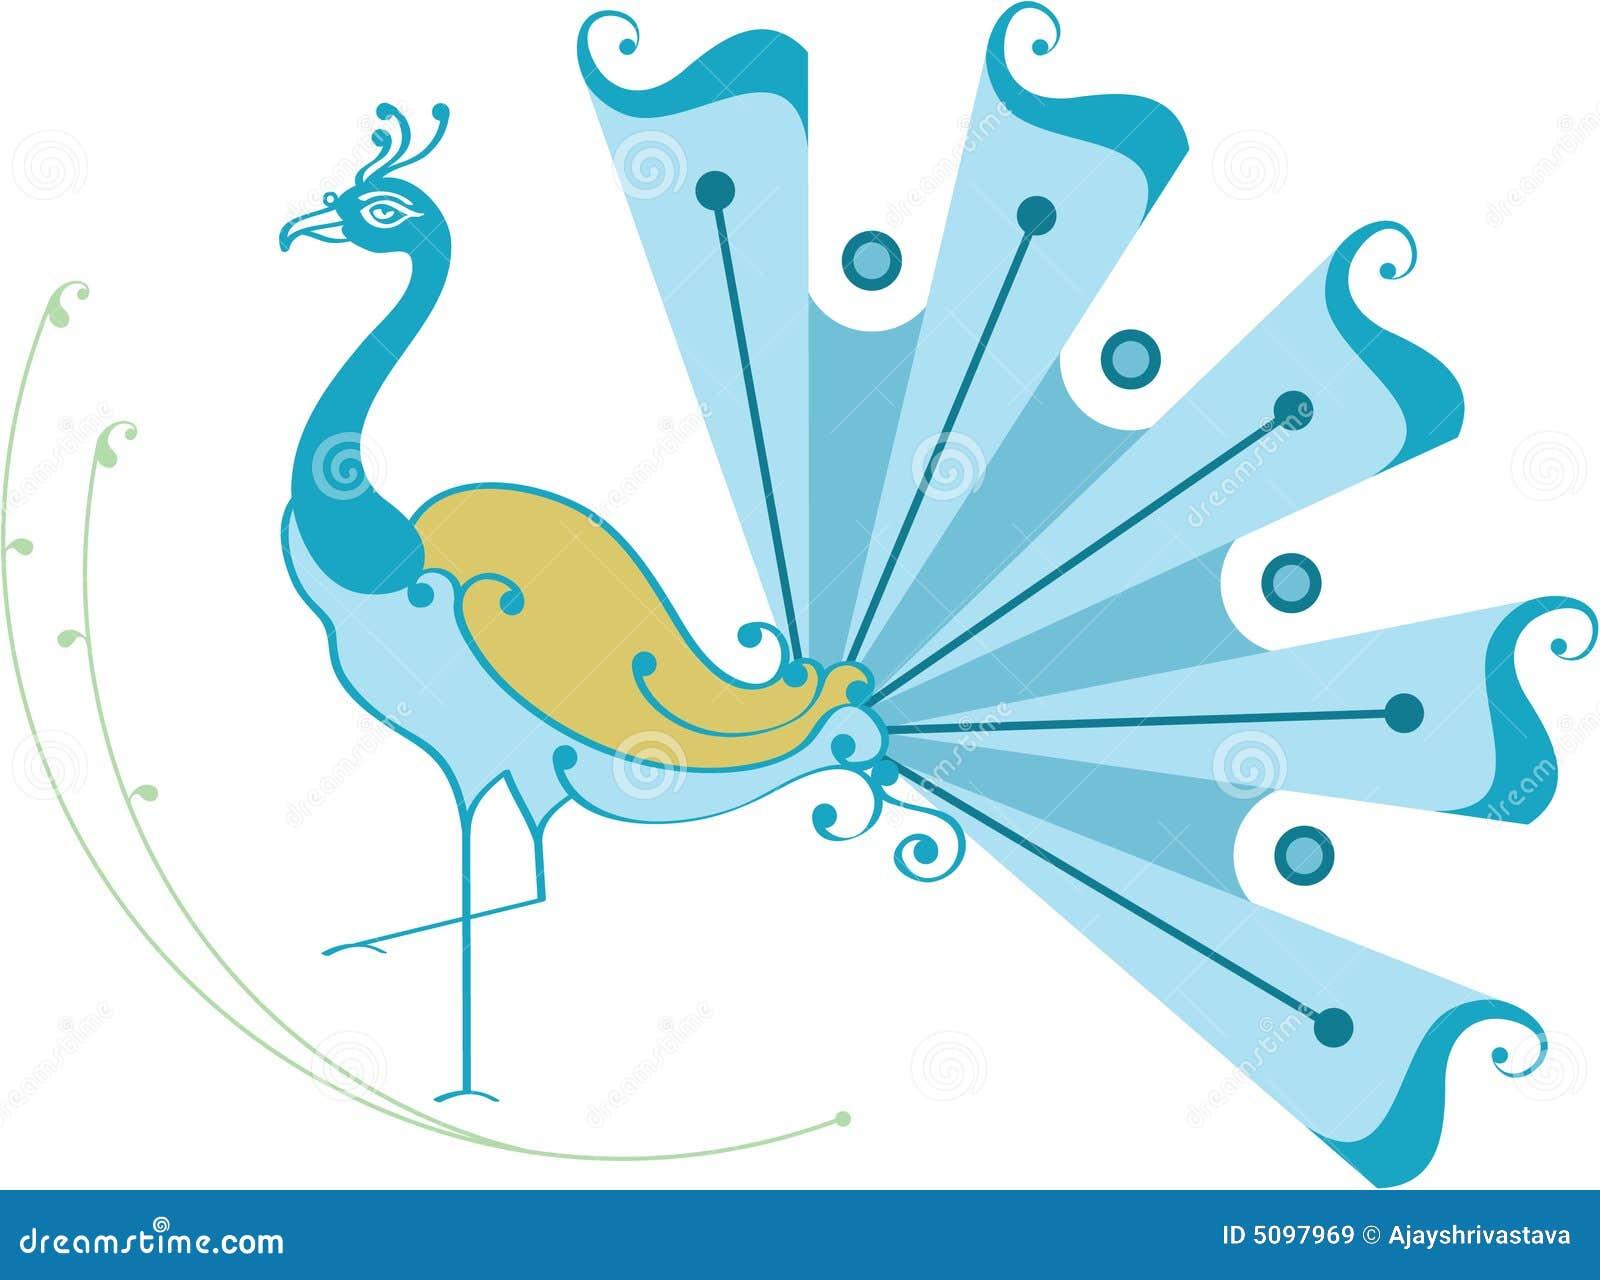 Peacock Dancing Sketch Beautiful Dancing Peacock